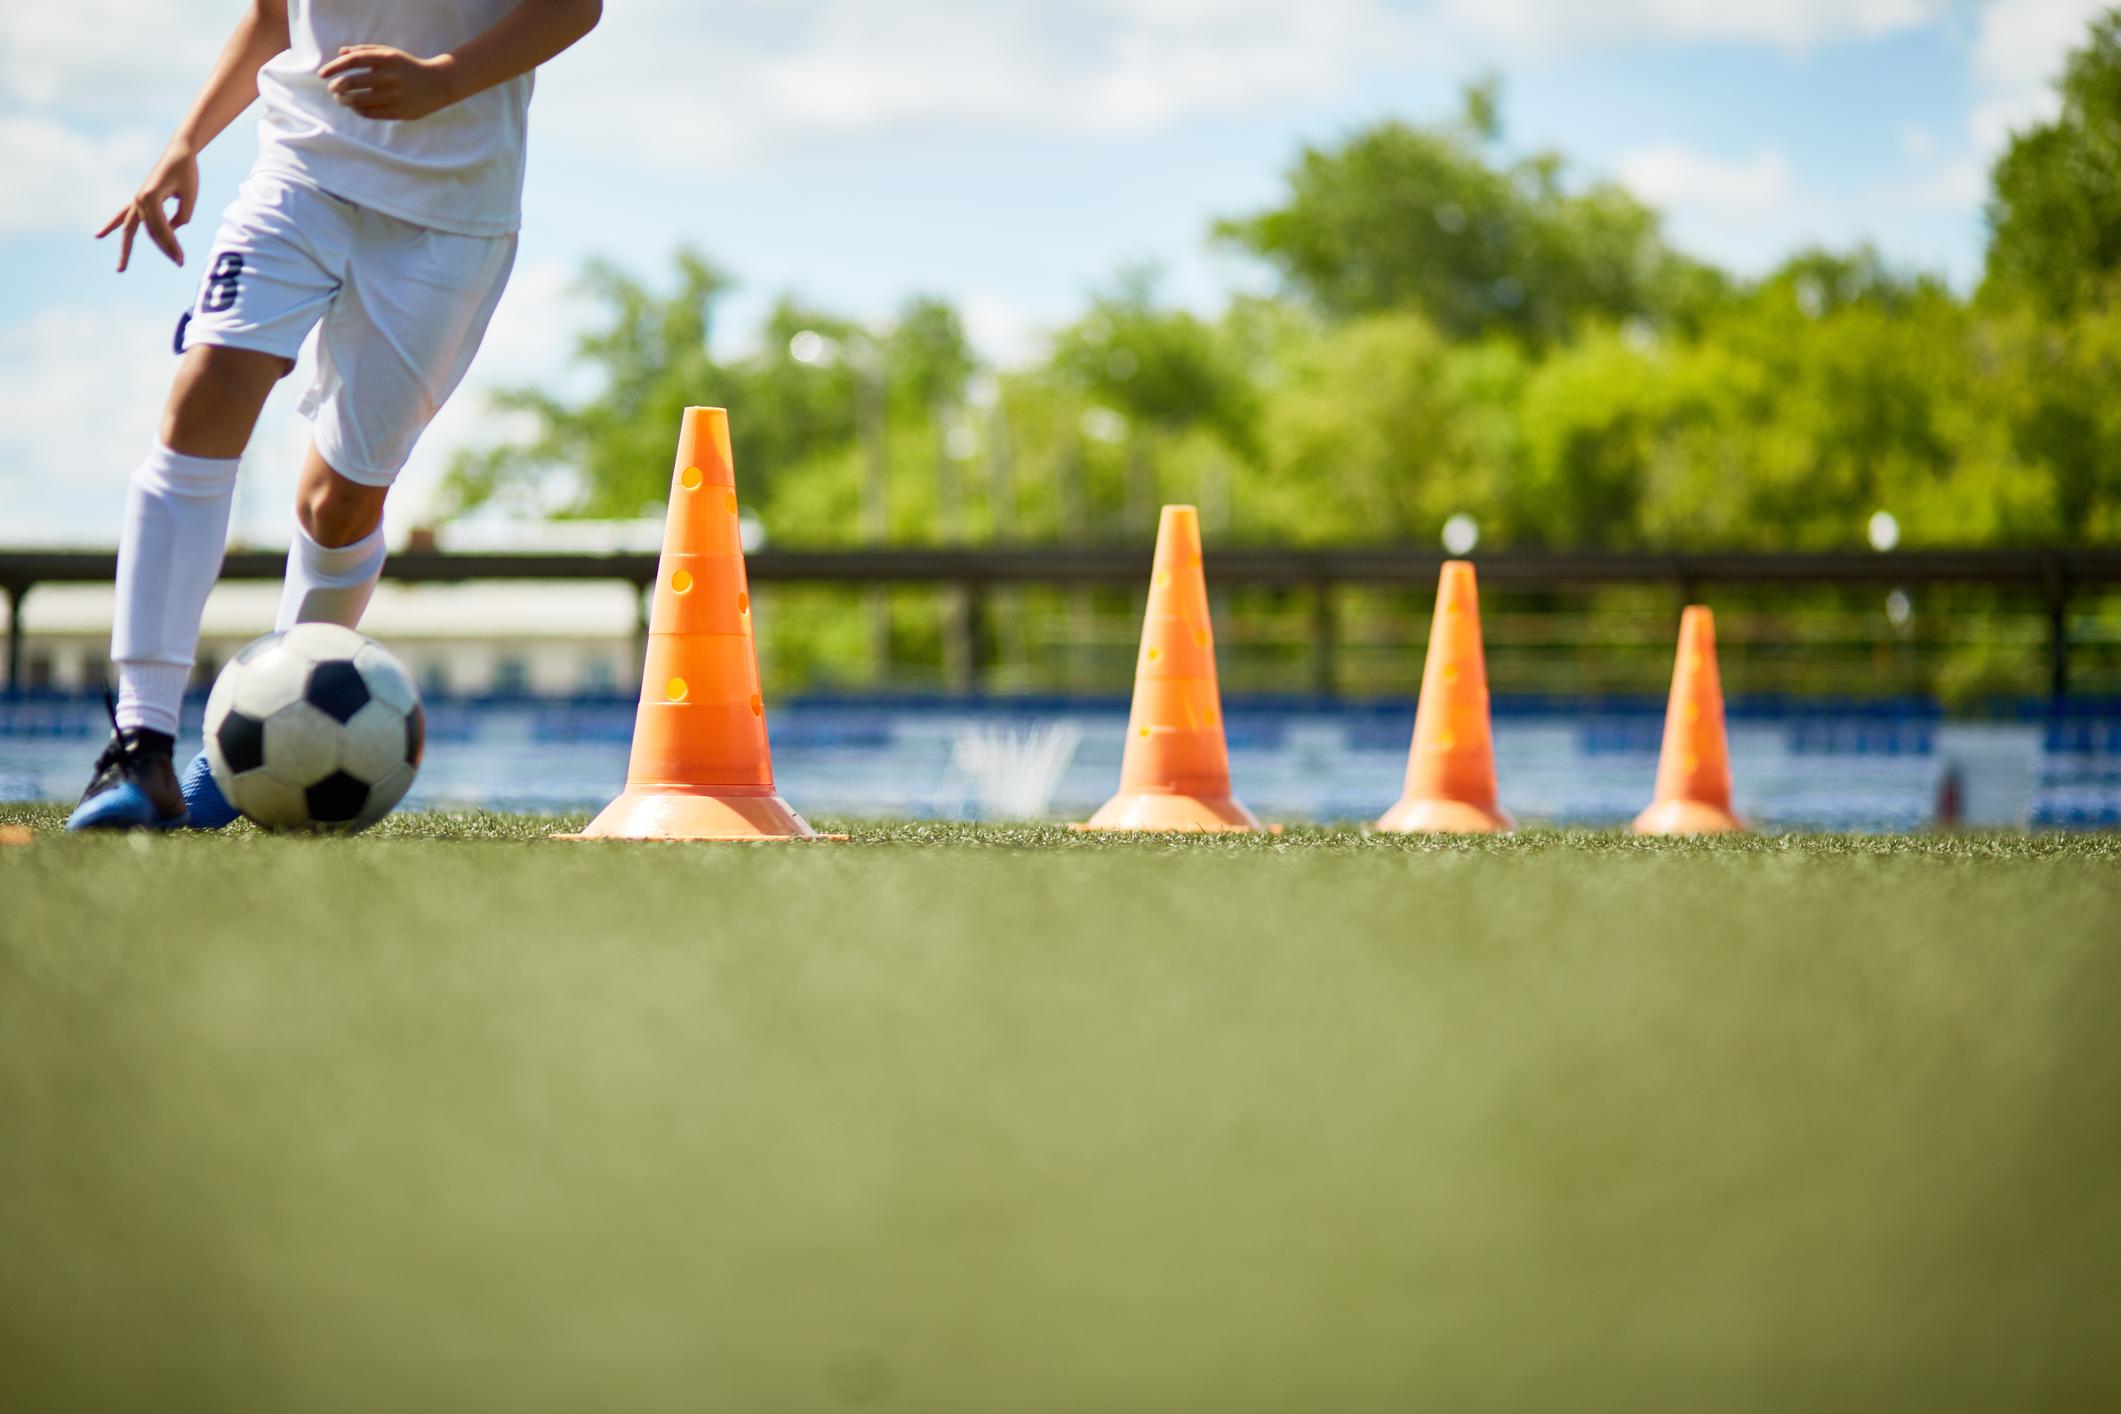 Jogar futebol com os amigos é uma atividade que muitas pessoas não deixam para depois. Veja os benefícios de praticar essa atividade física!